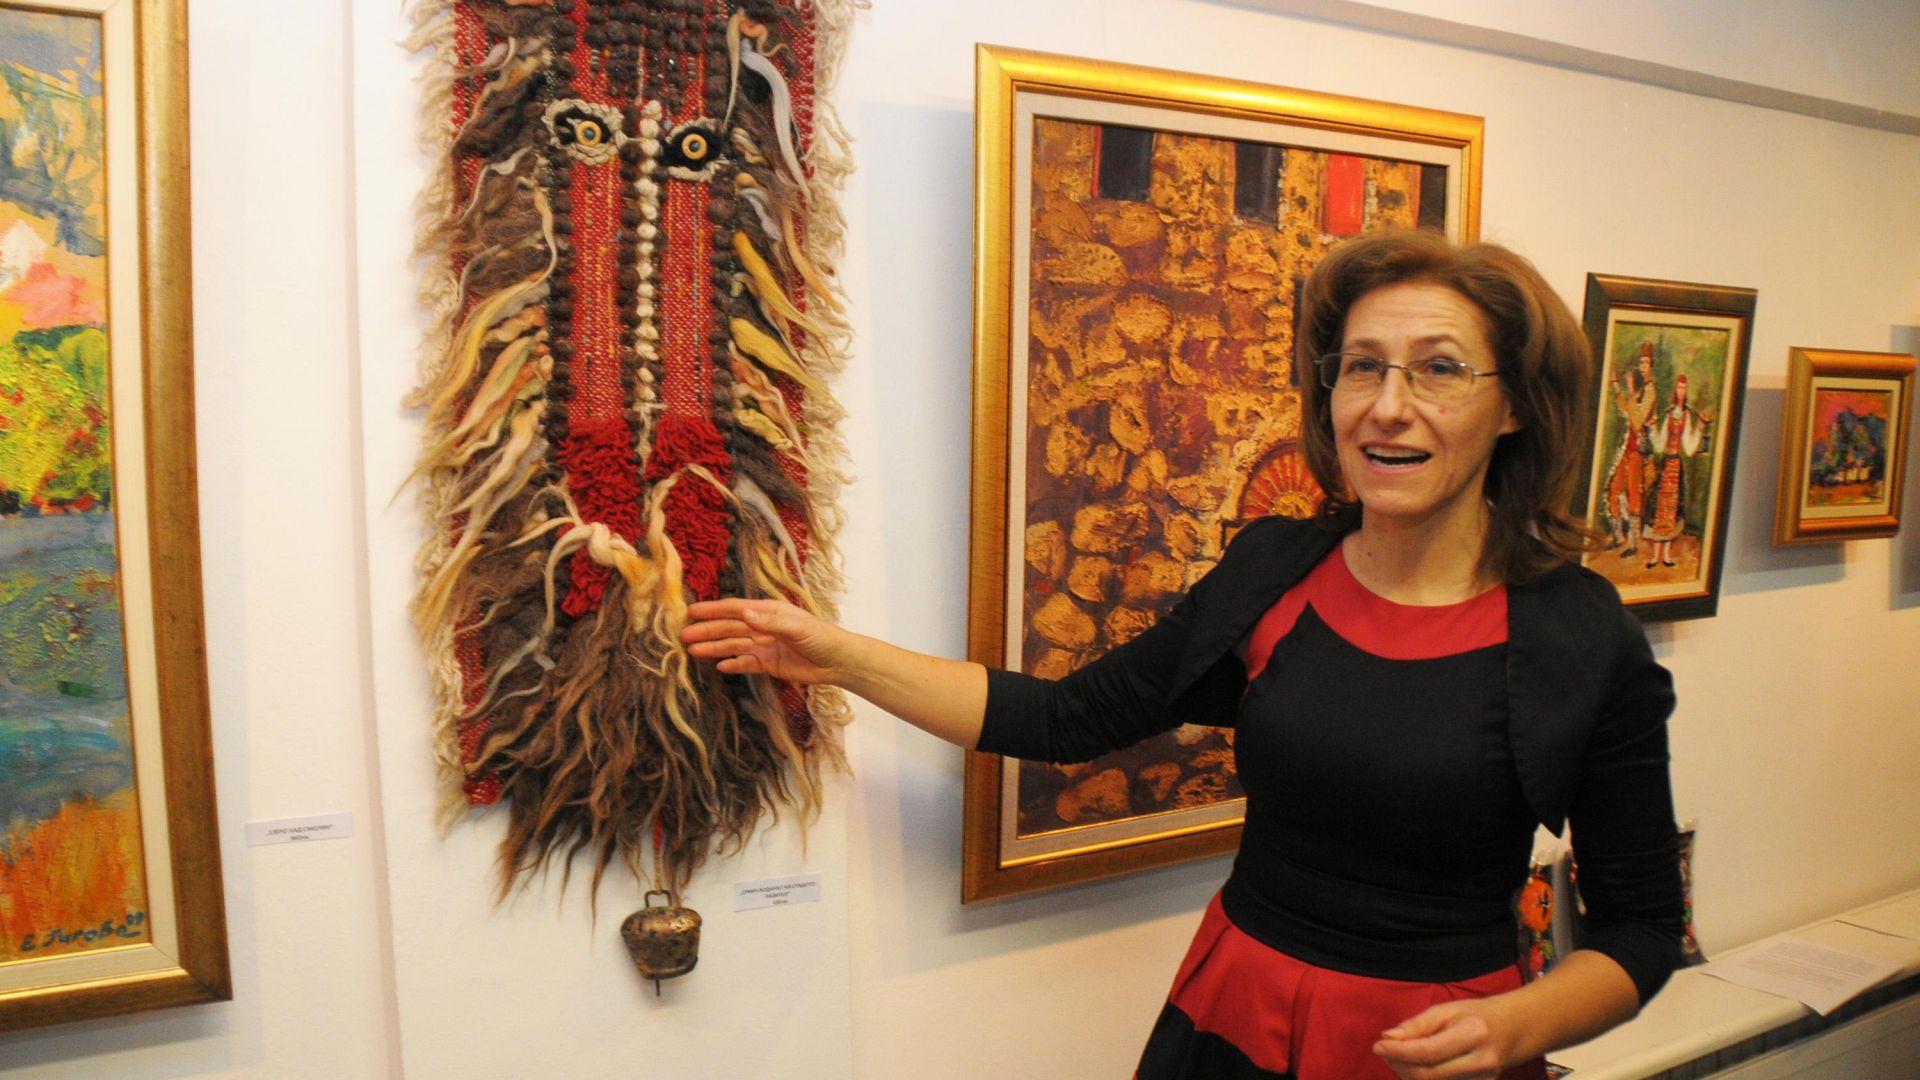 Внучката на Николай Хайтов показва вълшебна Родопа в изложба (снимки)